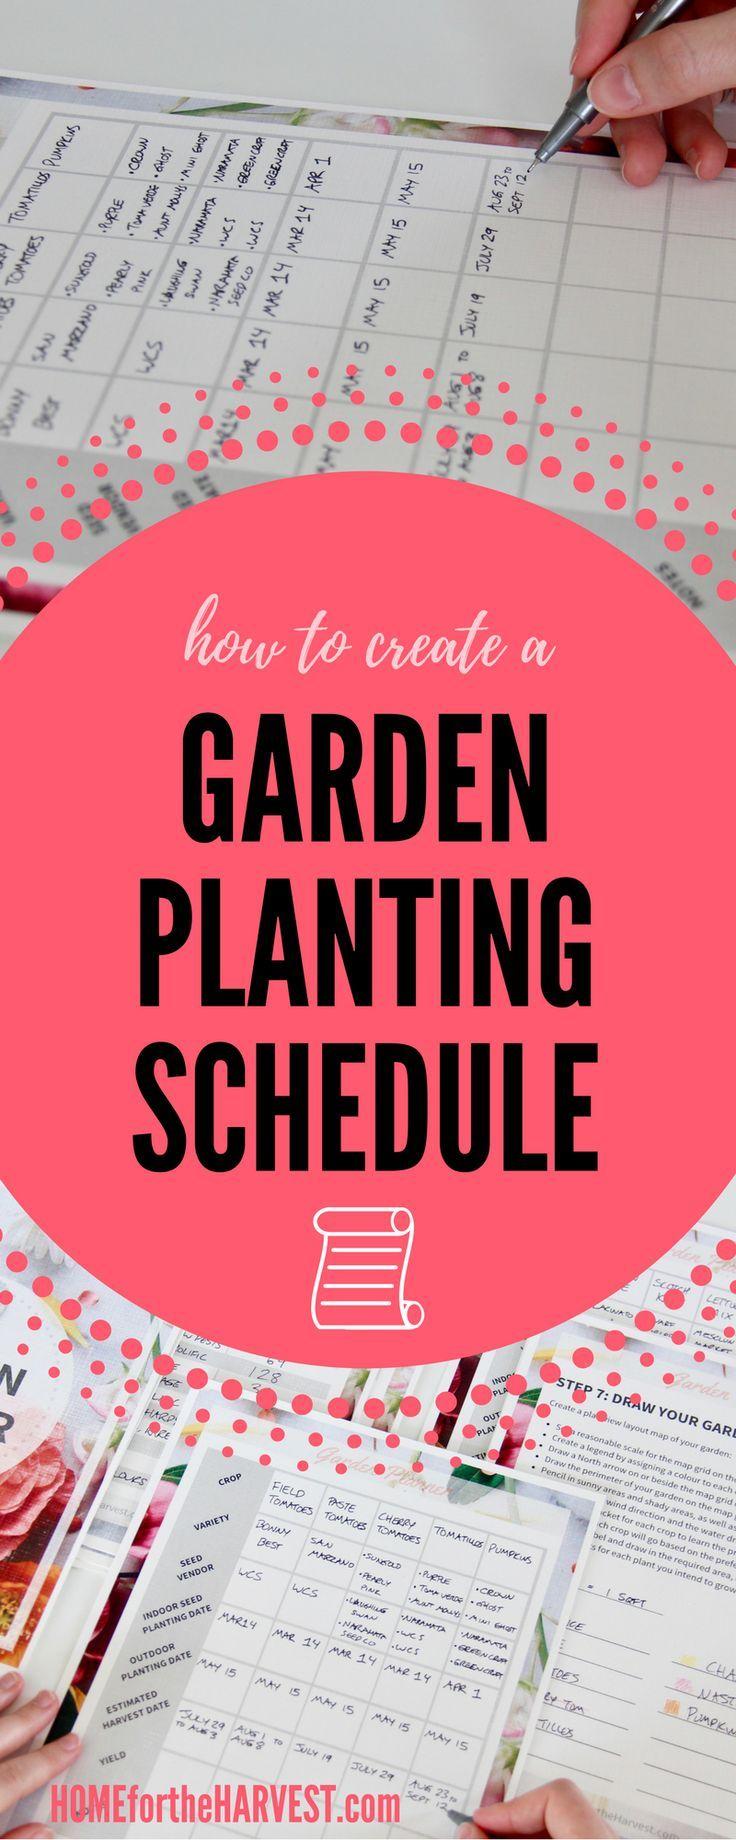 how to create a schedule in google calendar